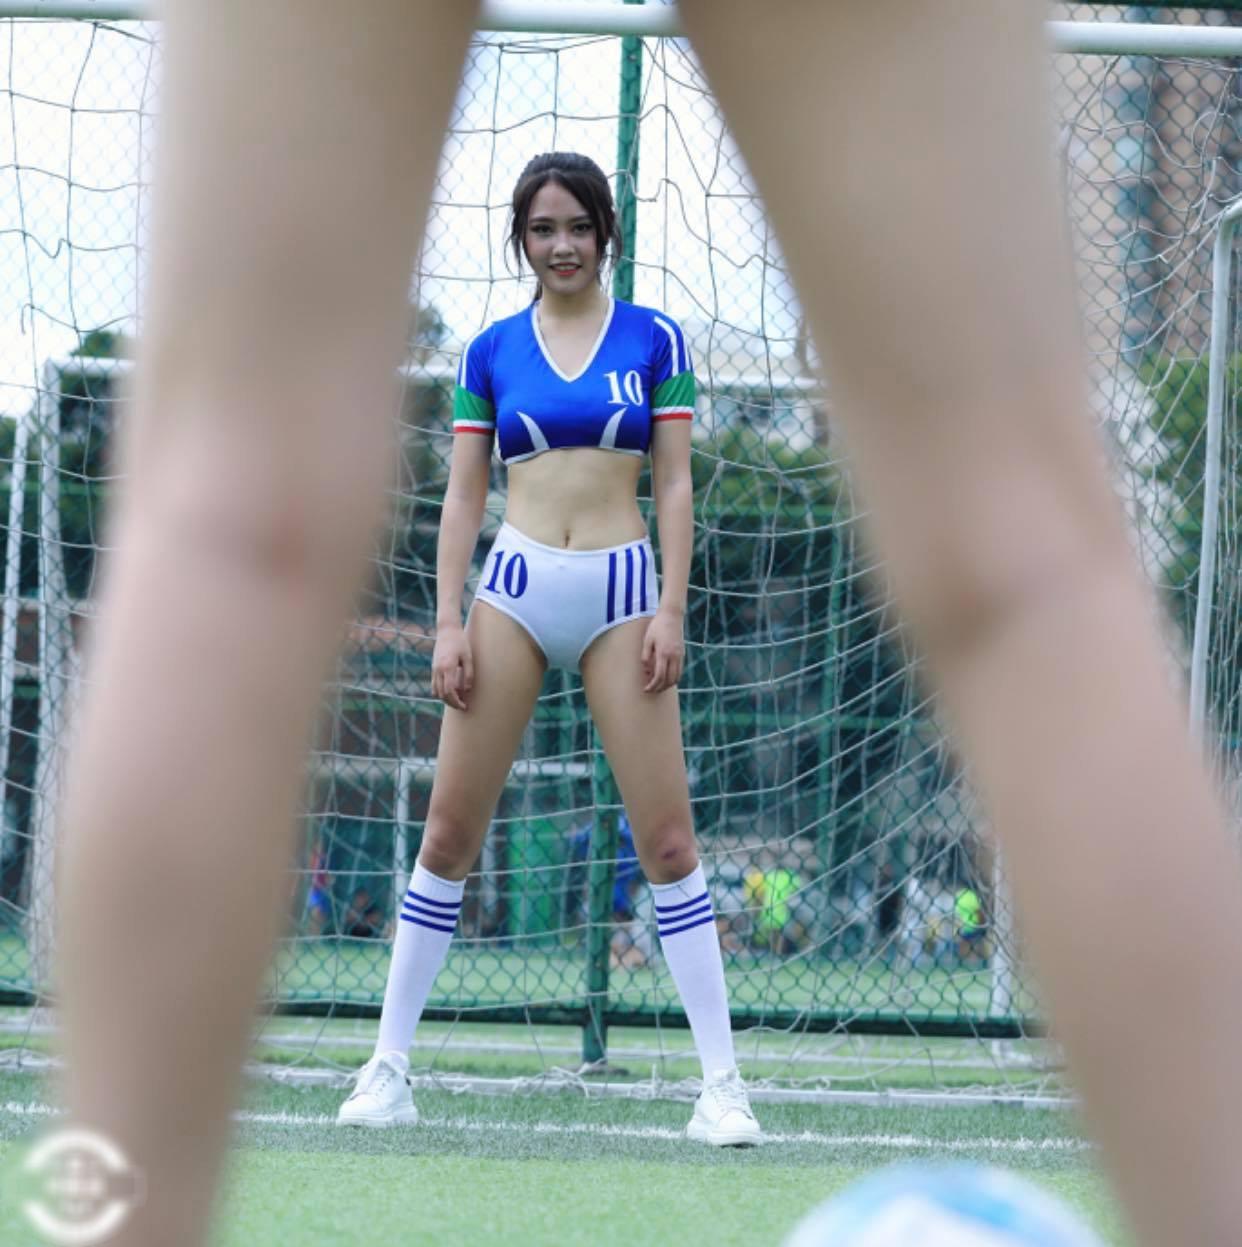 Thiếu nữ mặc sai trang phục đi đá bóng, đẹp mấy cũng bị chê không hợp - 1